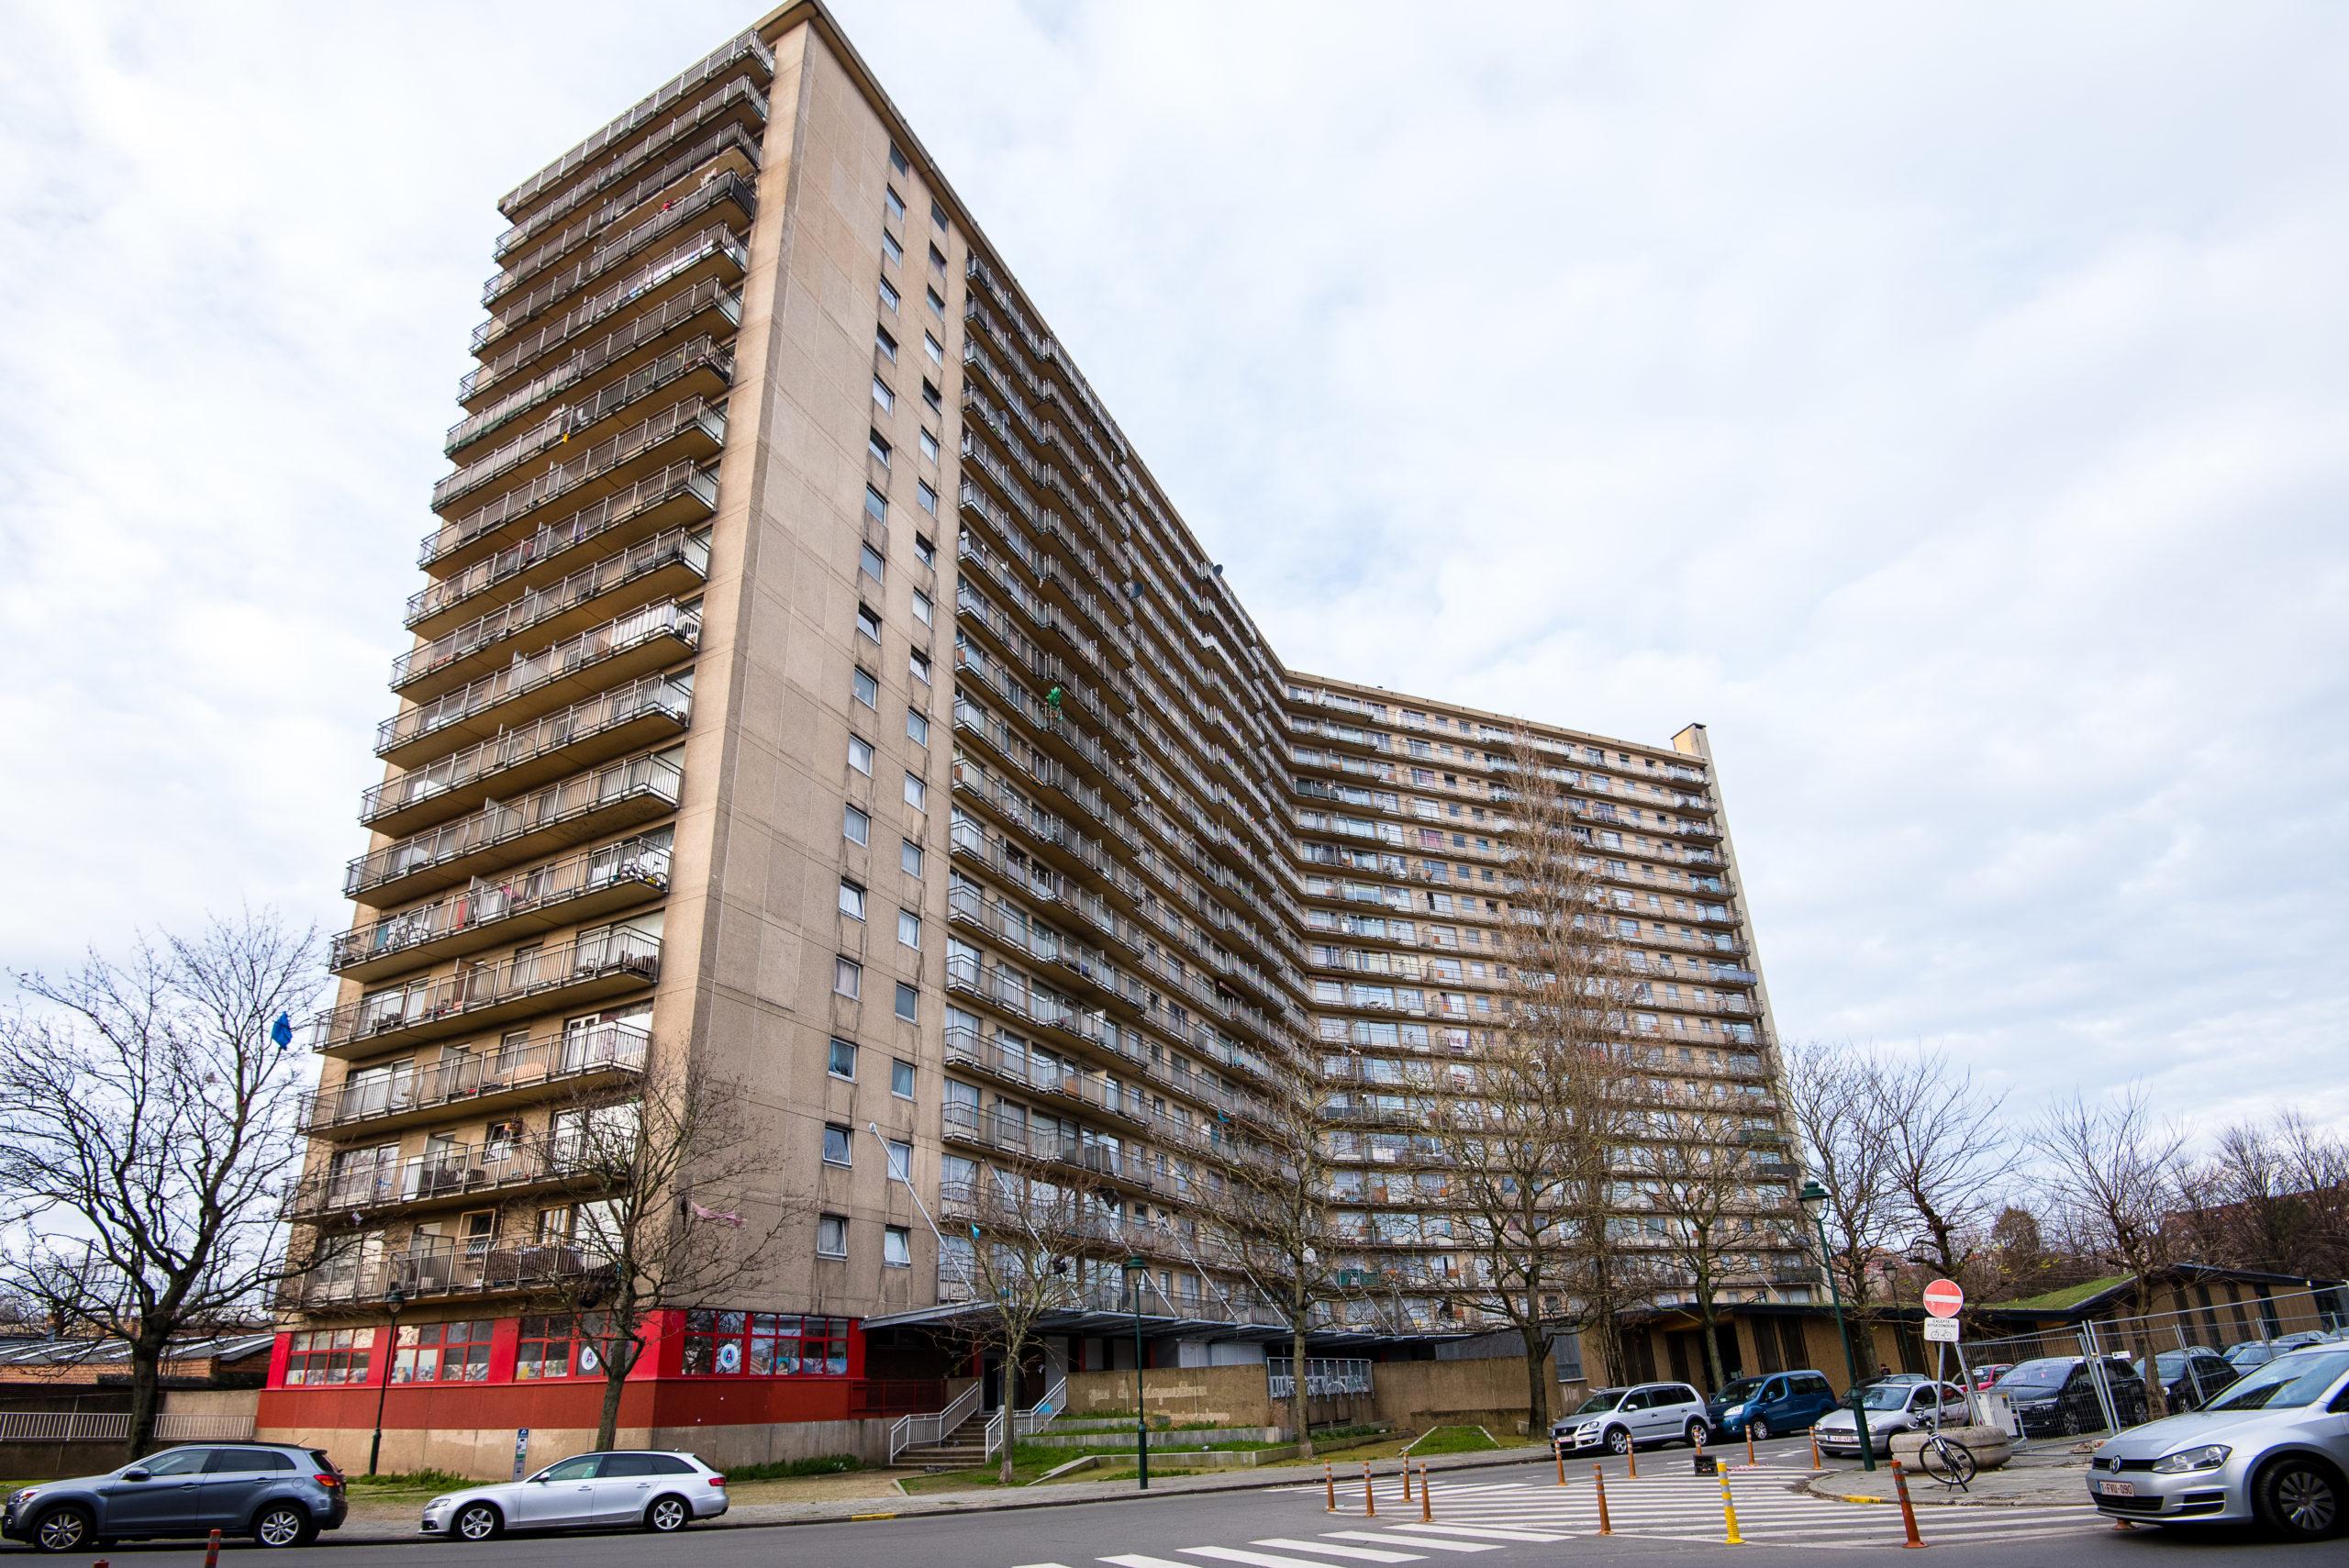 Logement social « Les Goujons » Rue des goujons – DoucheFlux asbl 1070 Anderlecht